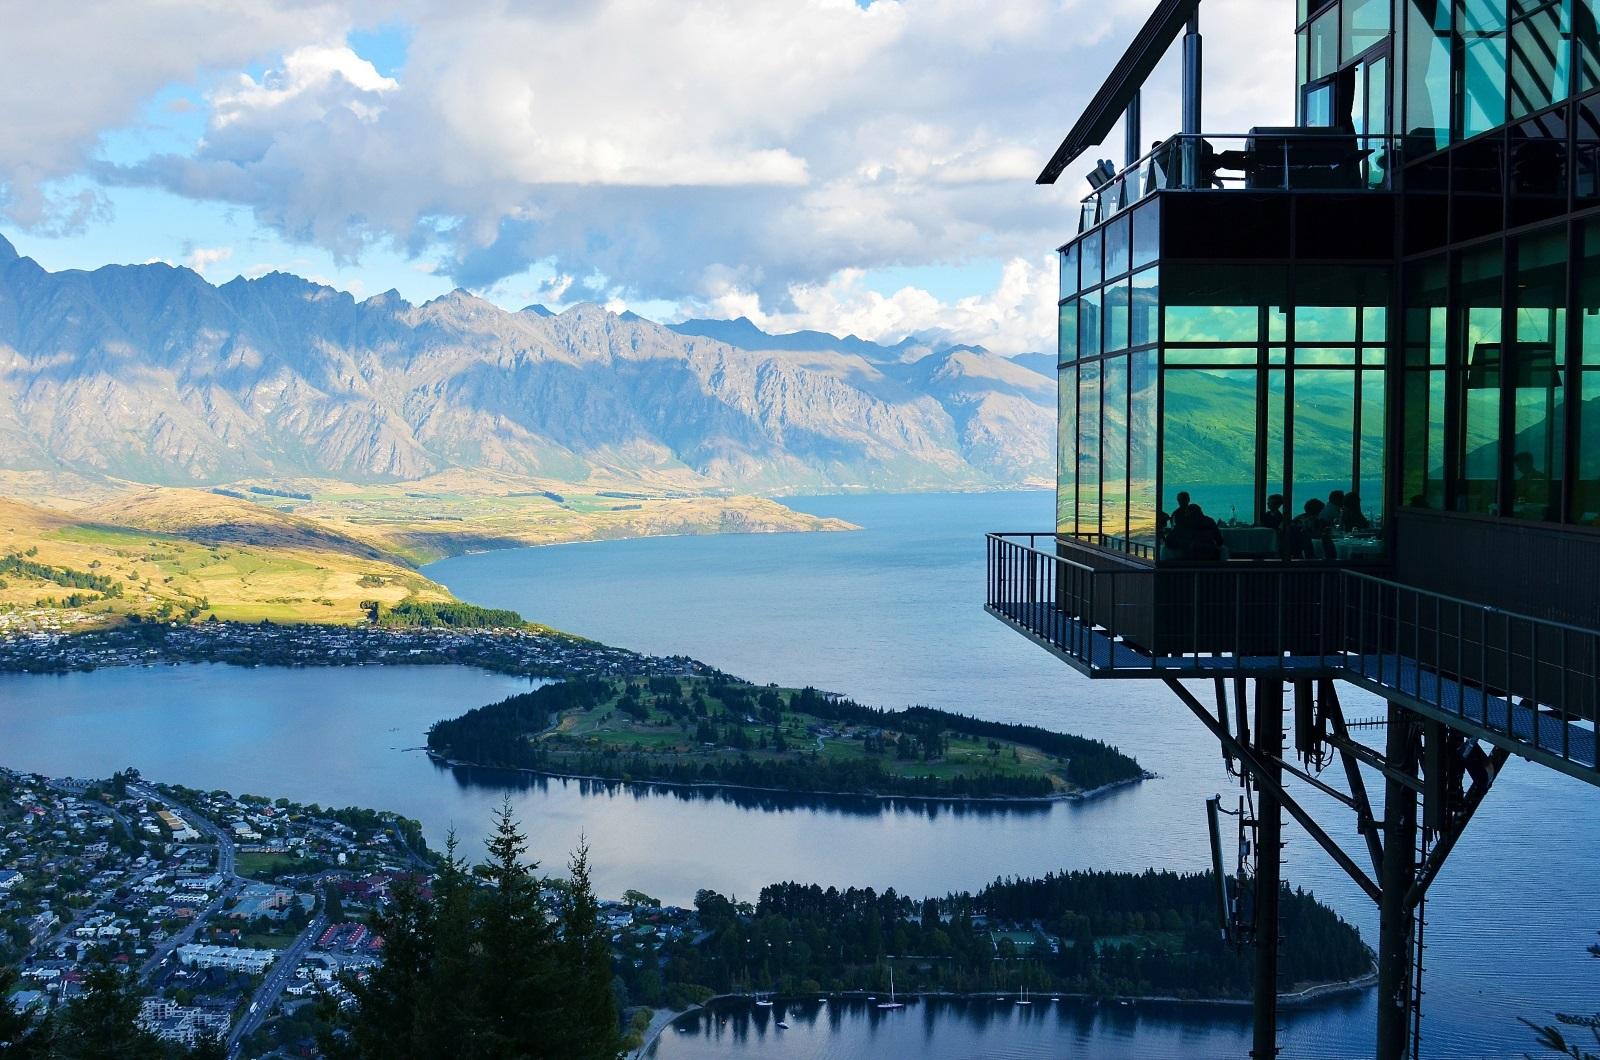 Free Mobile intègre la Nouvelle-Zélande à son offre de roaming